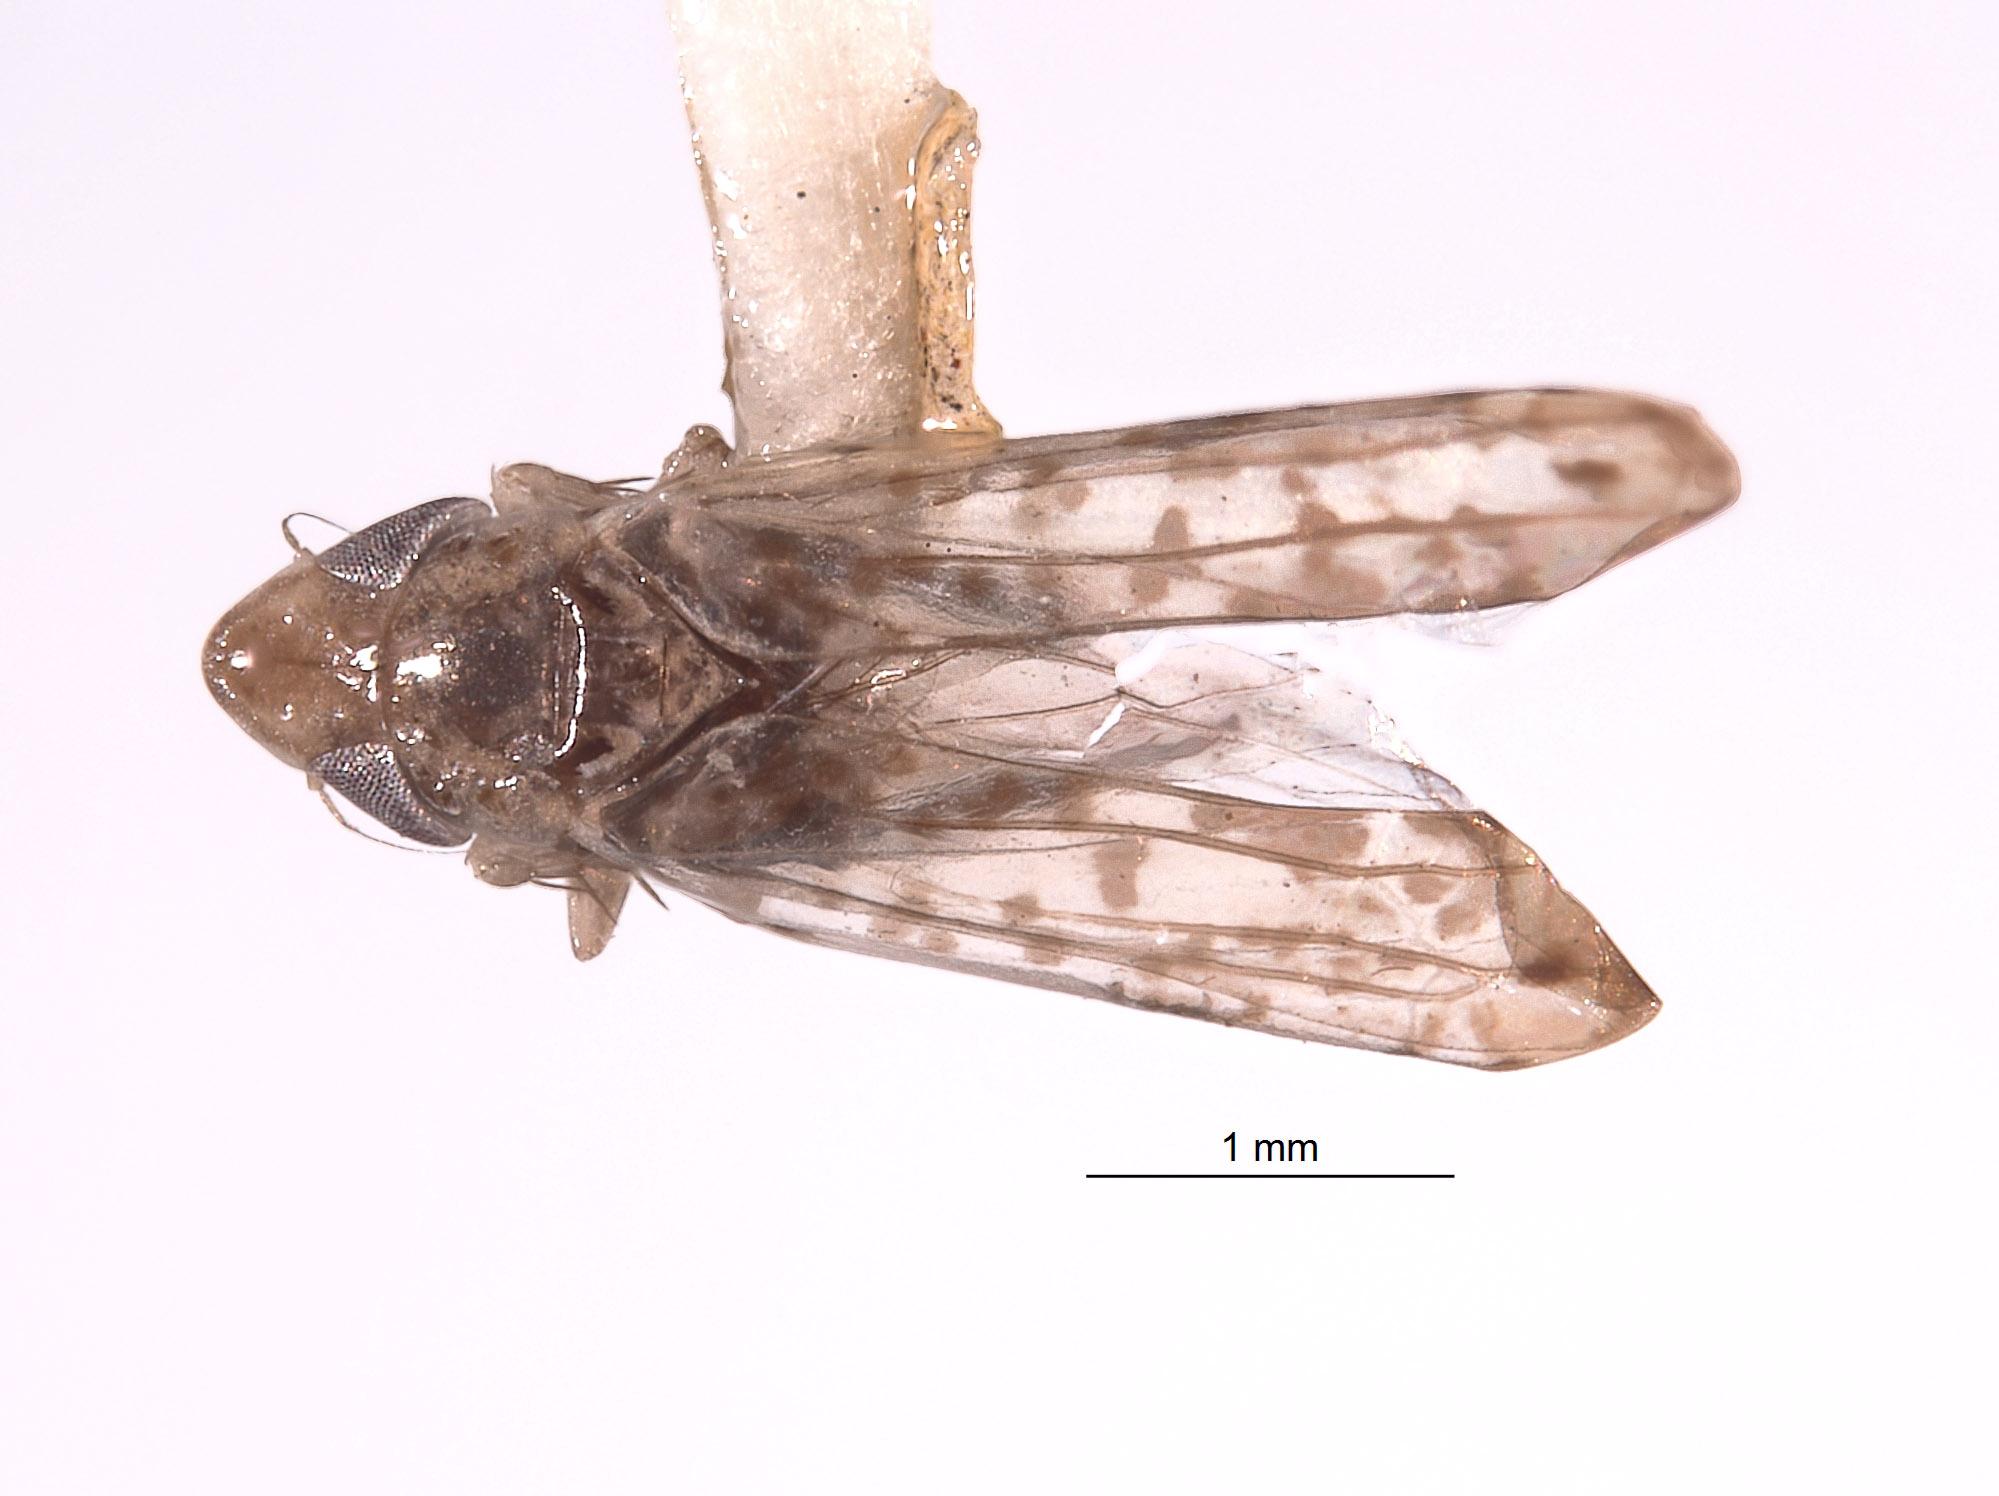 Zyginella maculata image